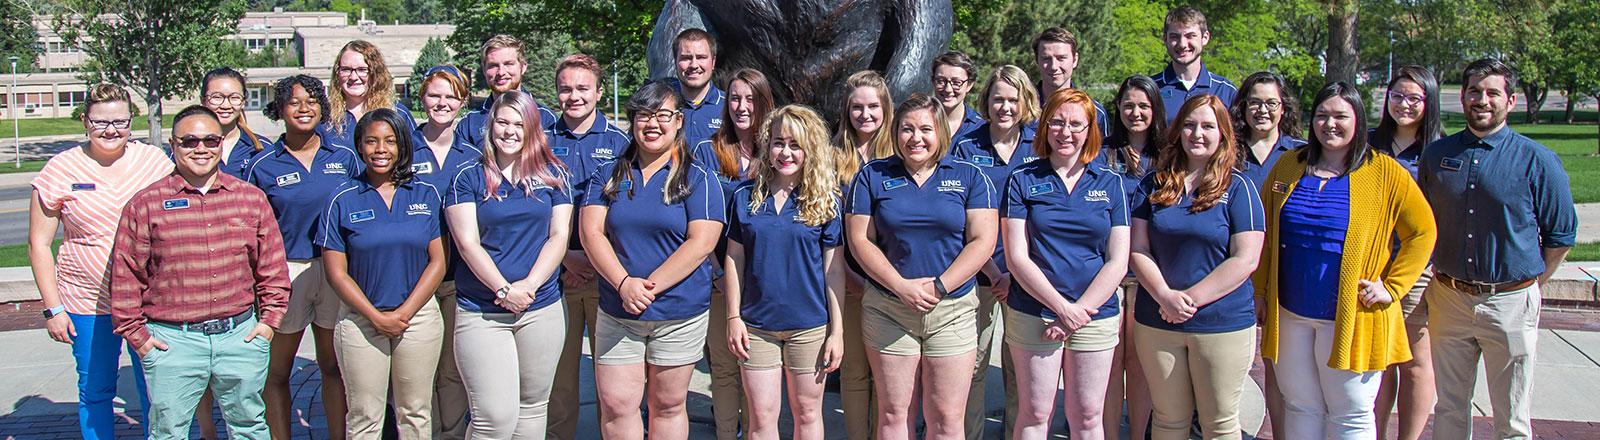 orientation staff 2017